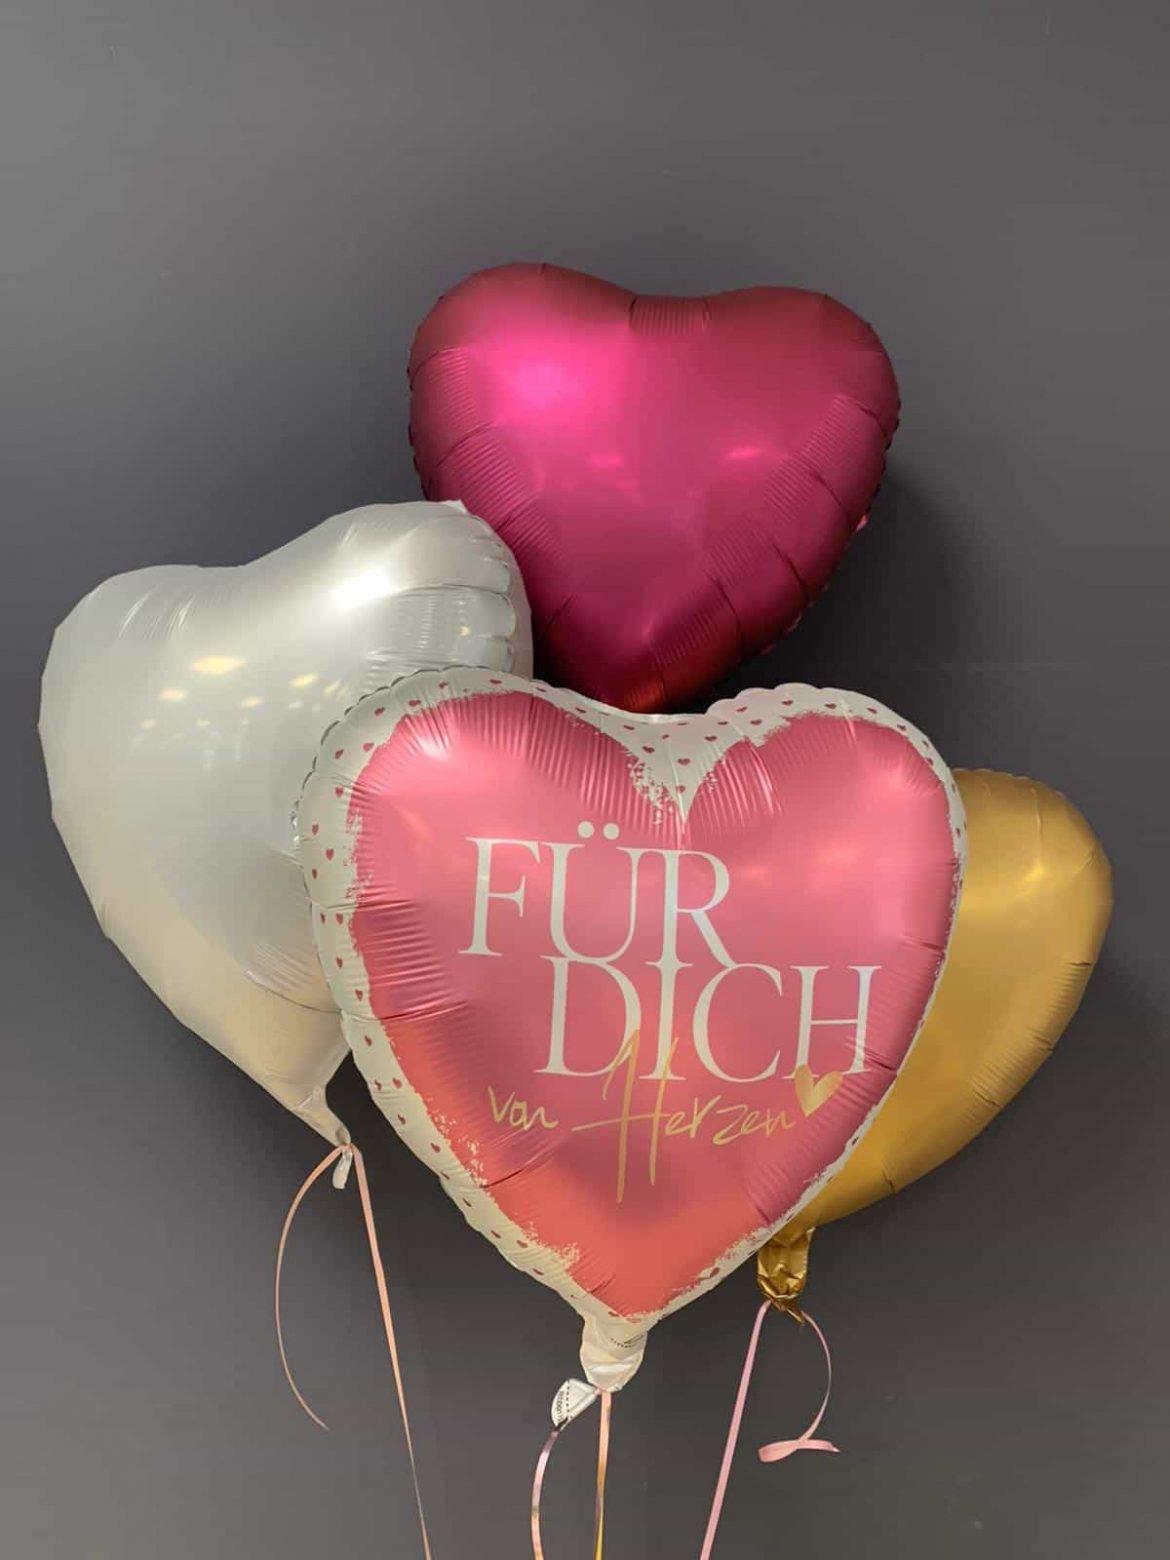 Ballon Für Dich €5,90<br />Dekoballons € 4,50 1